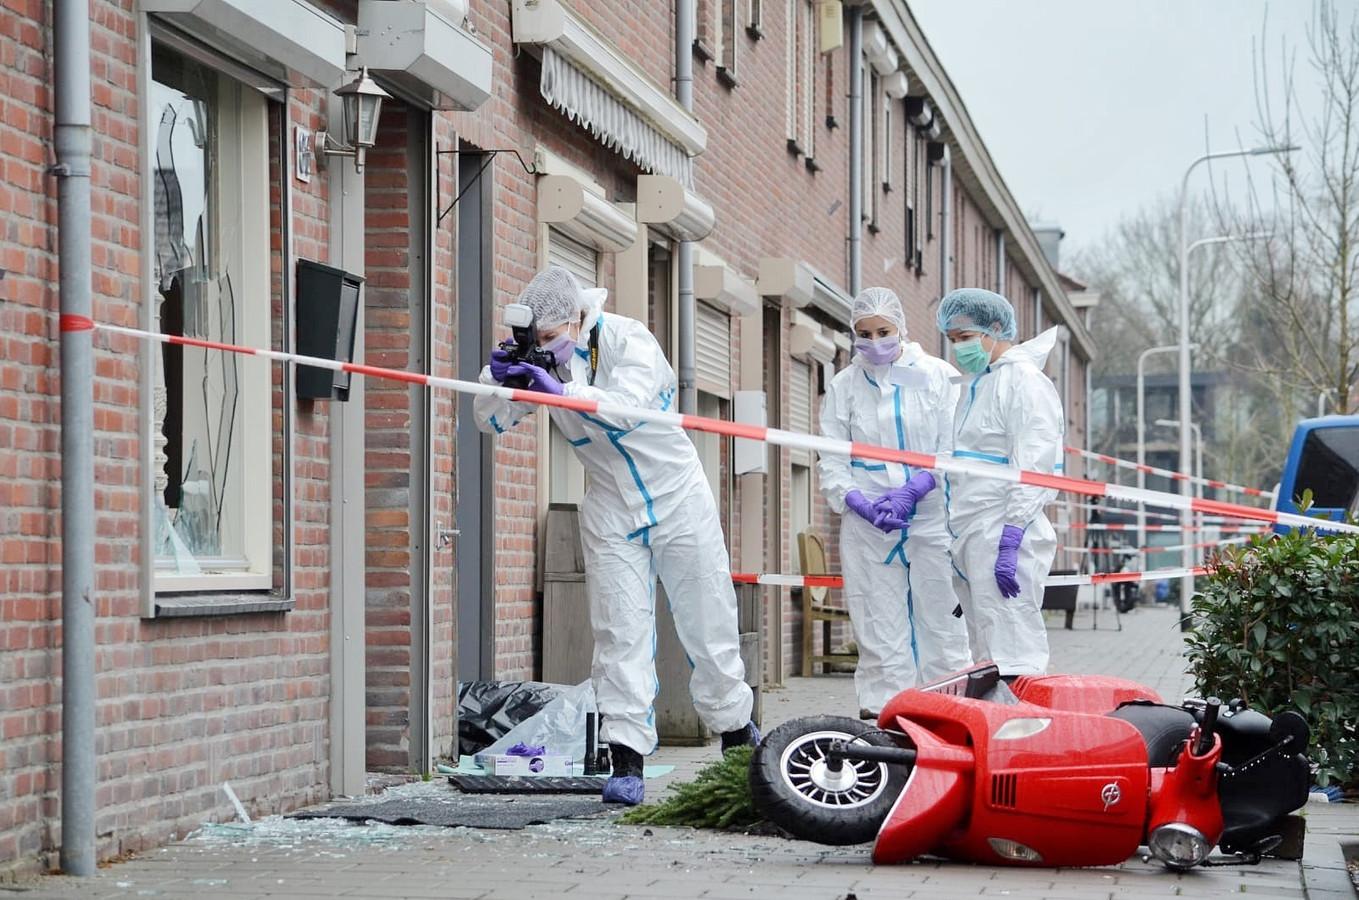 Bij de woning in de Korhoenstraat waar woensdagnacht een ruzie werd uitgevochten, doet de technische recherche donderdag sporenonderzoek.